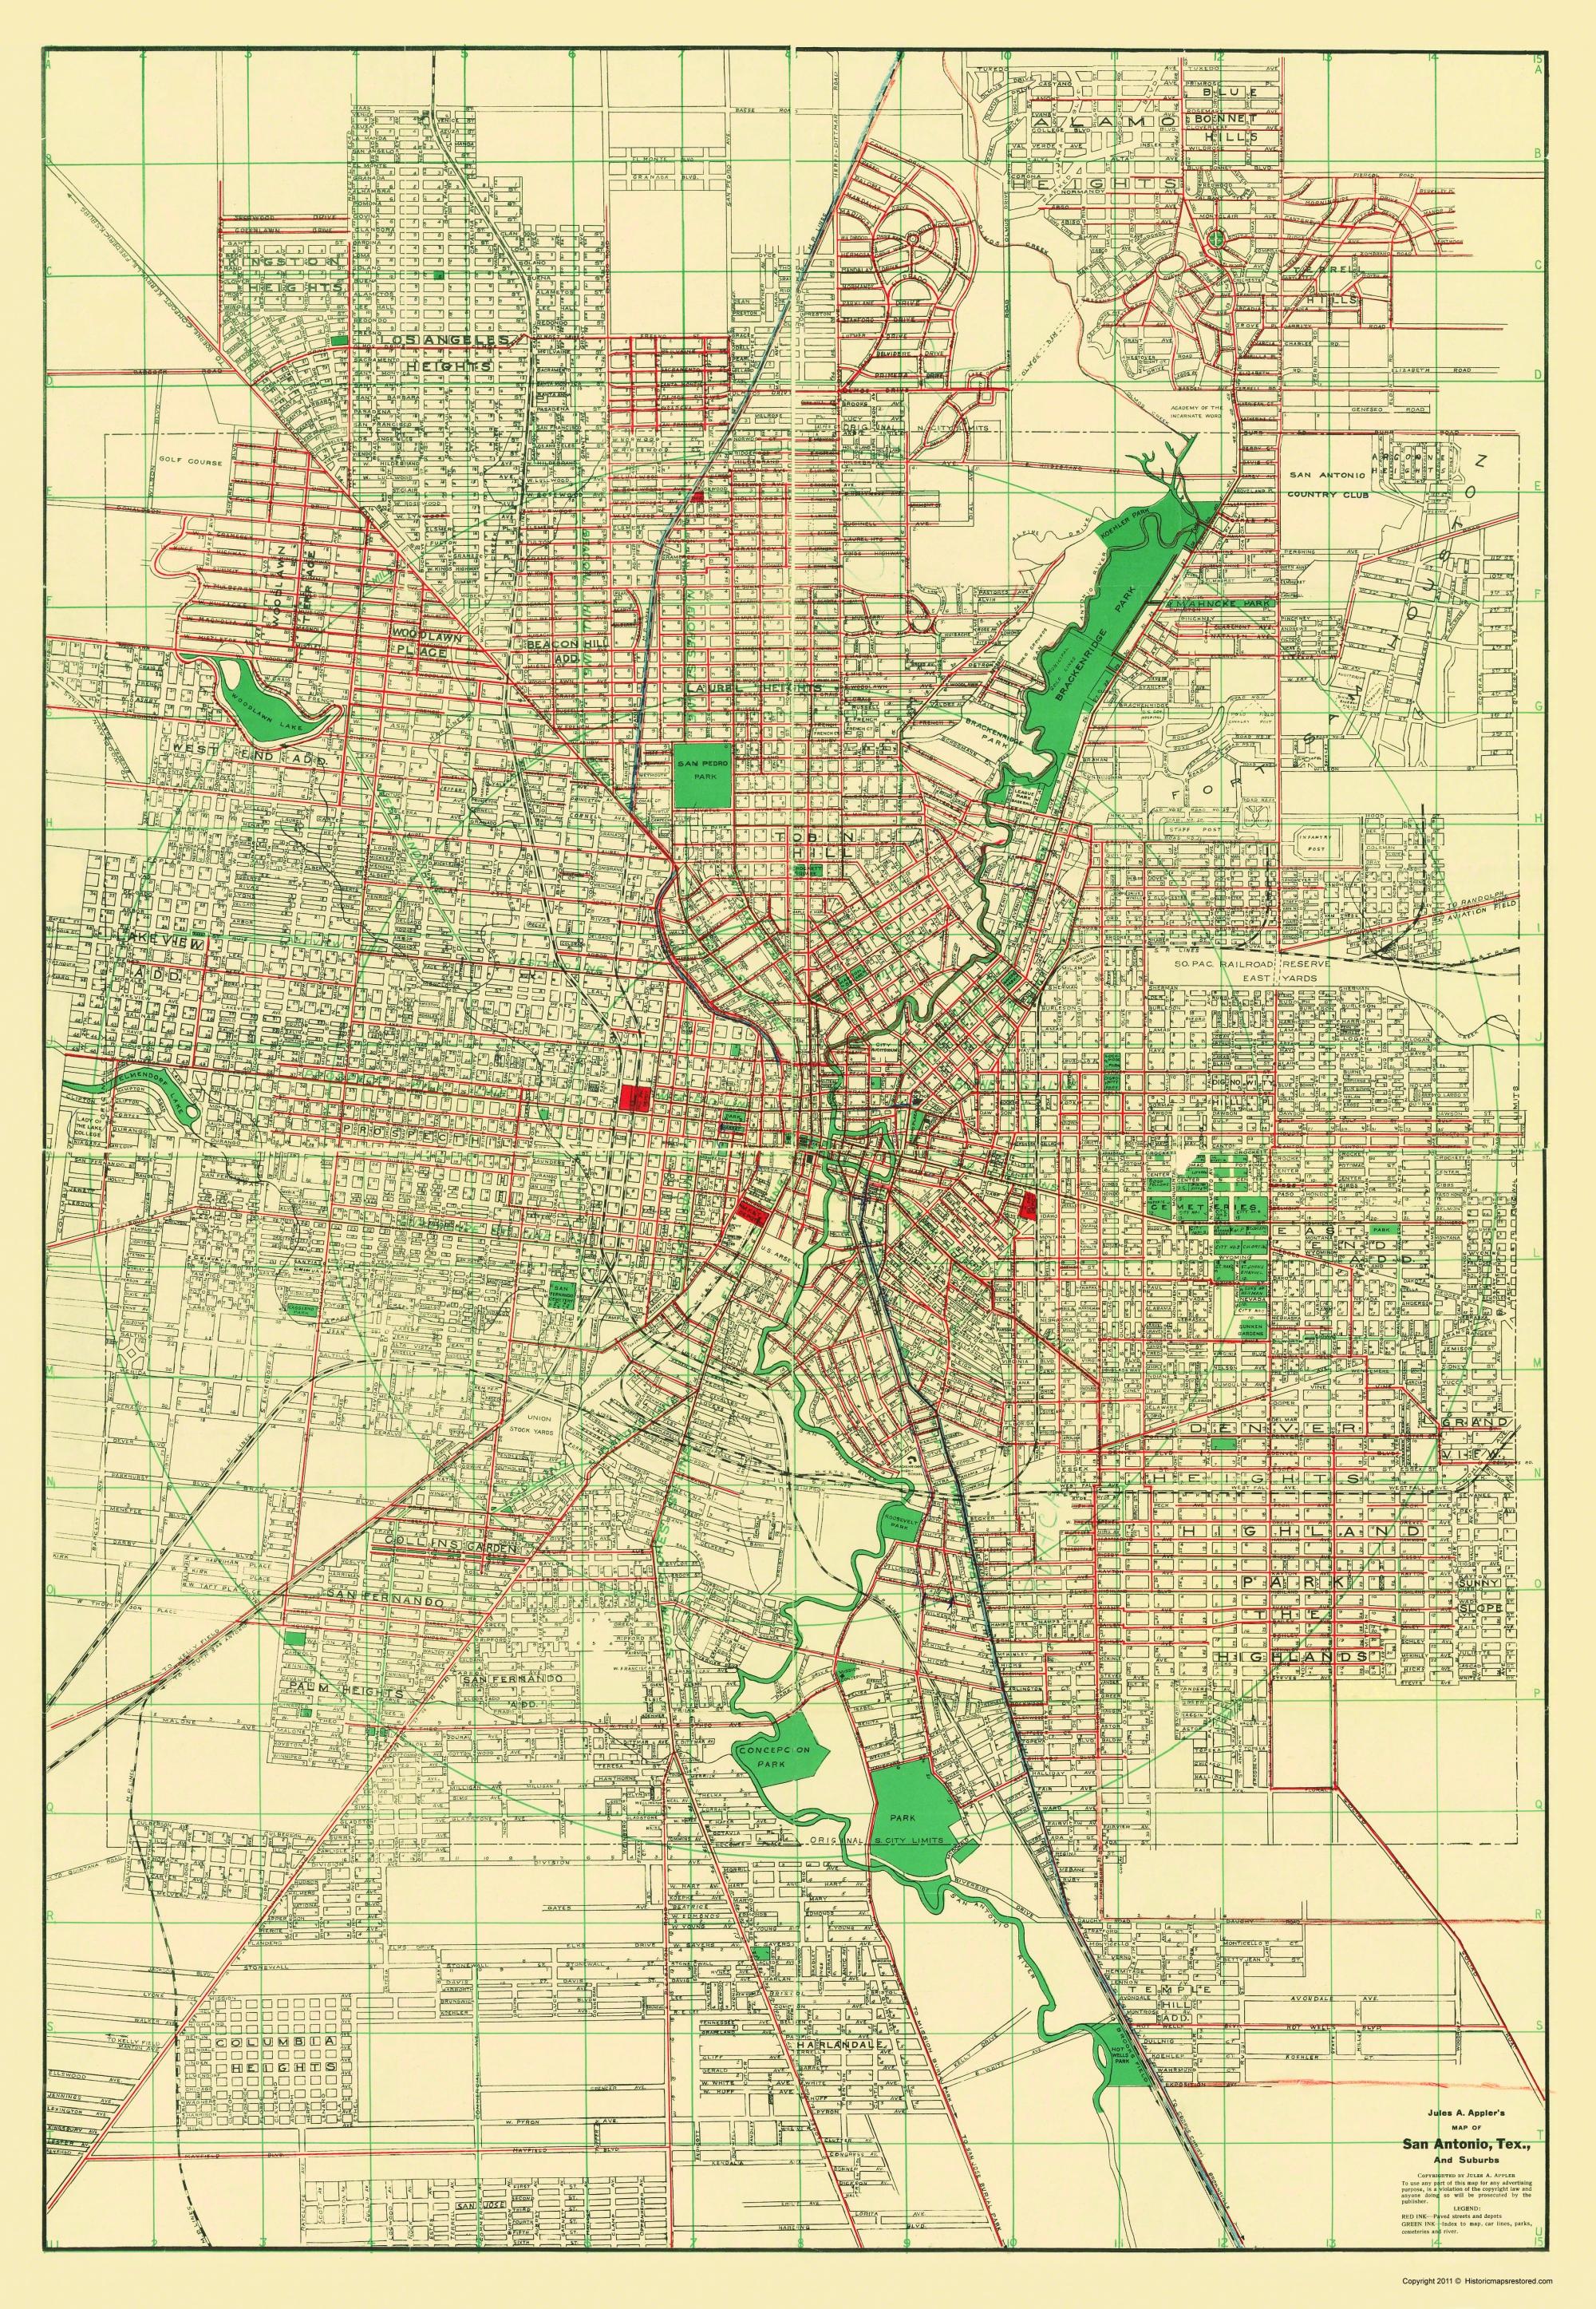 San Antonio Map Of Texas.San Antonio Texas Appler 1900 23 X 33 27